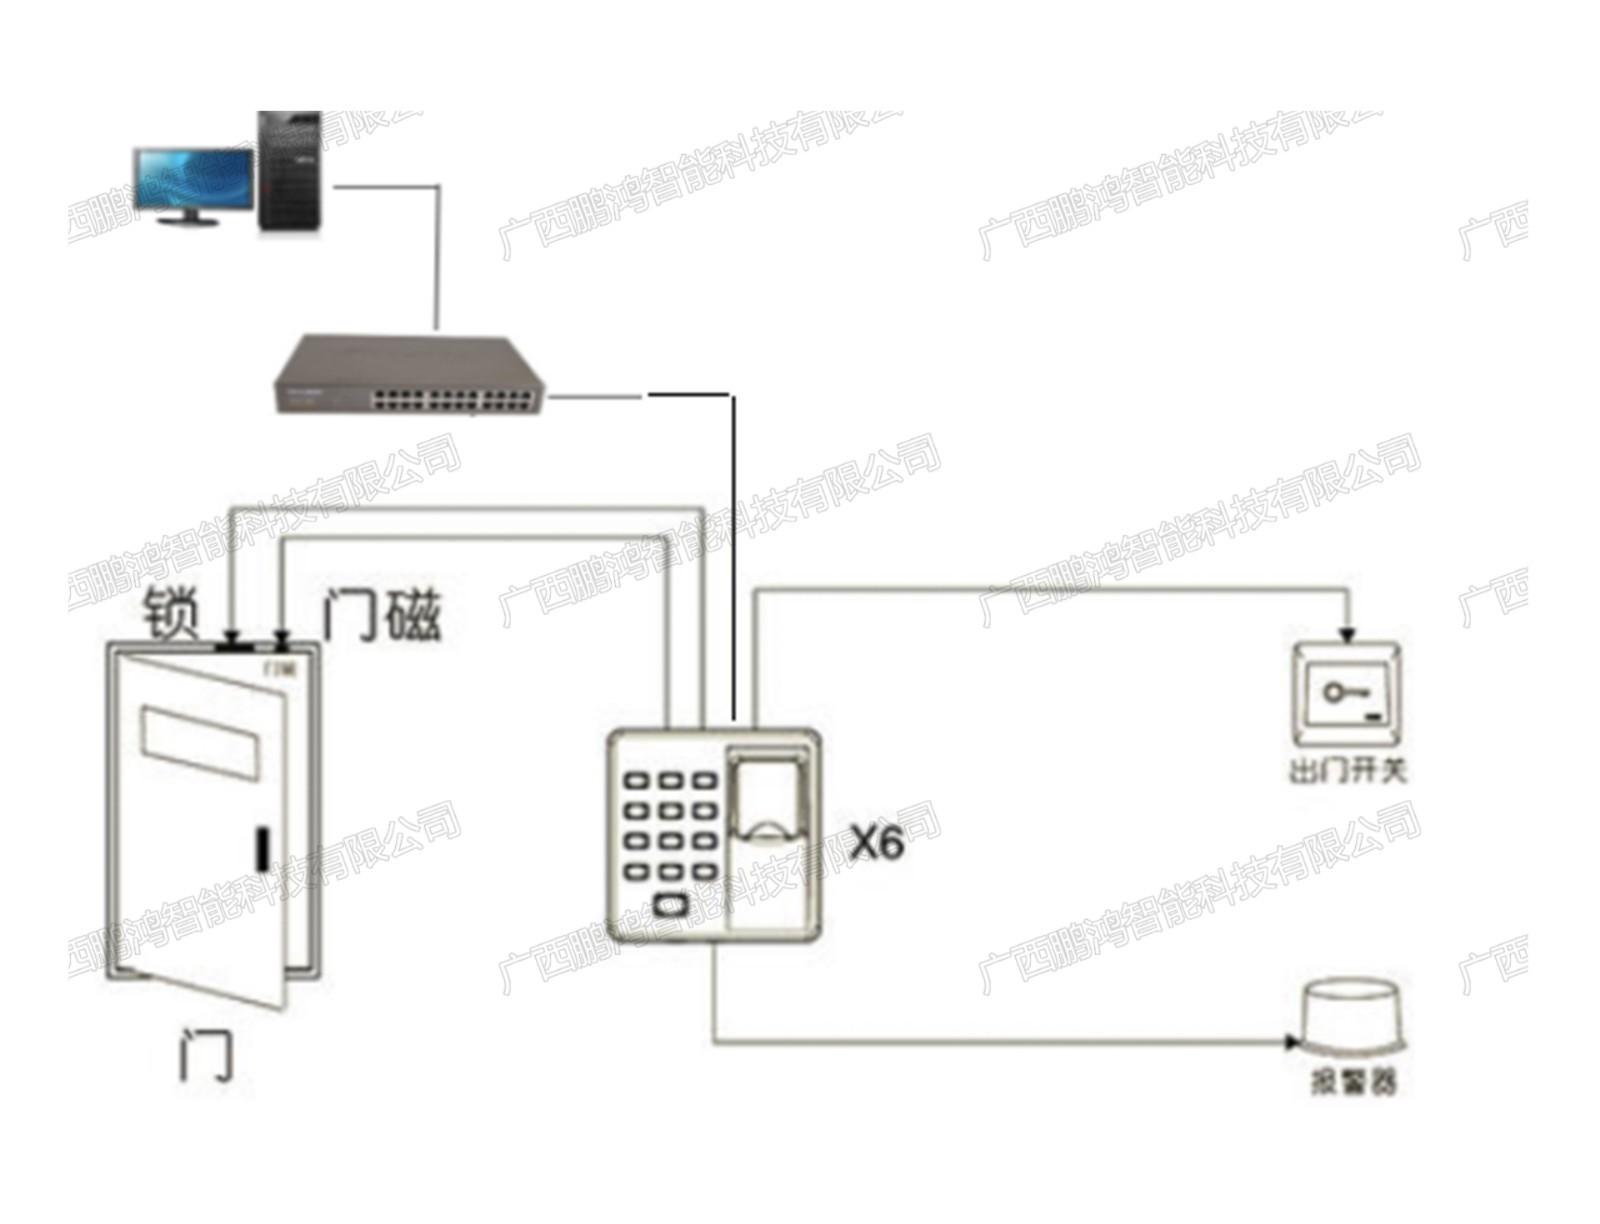 档案库房门禁管理系统